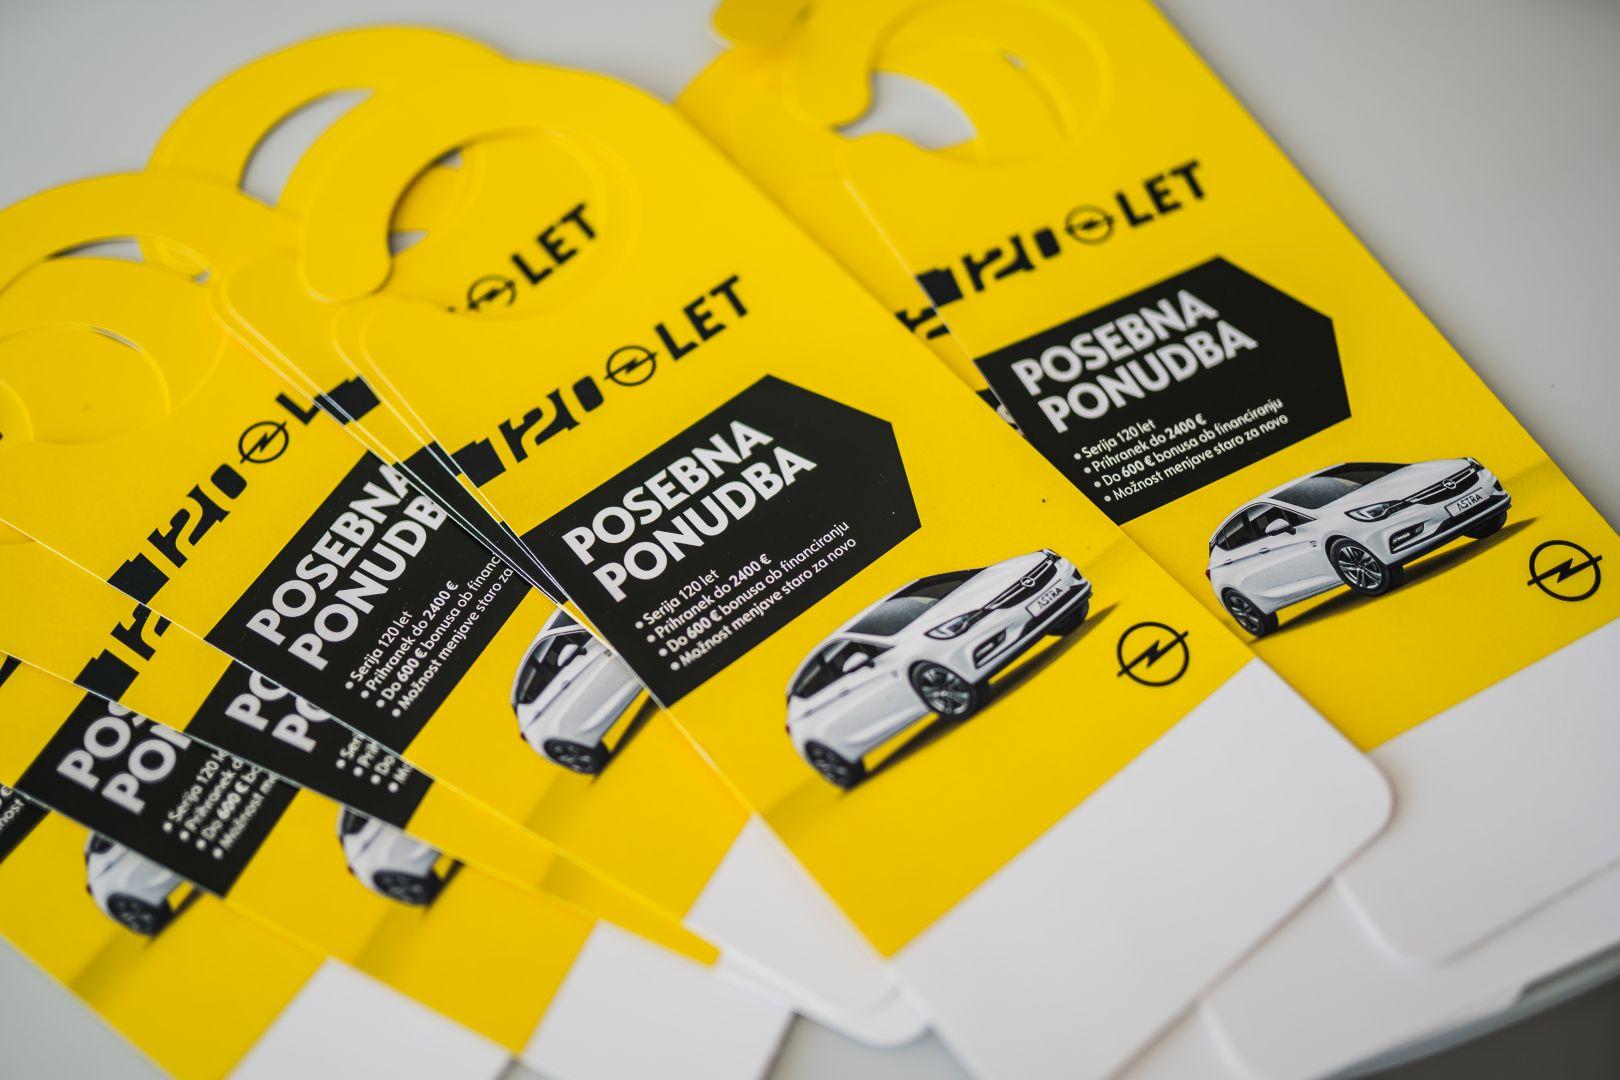 avtohisa-zalar-prodaja-novih-vozil-opel-120-let (1)